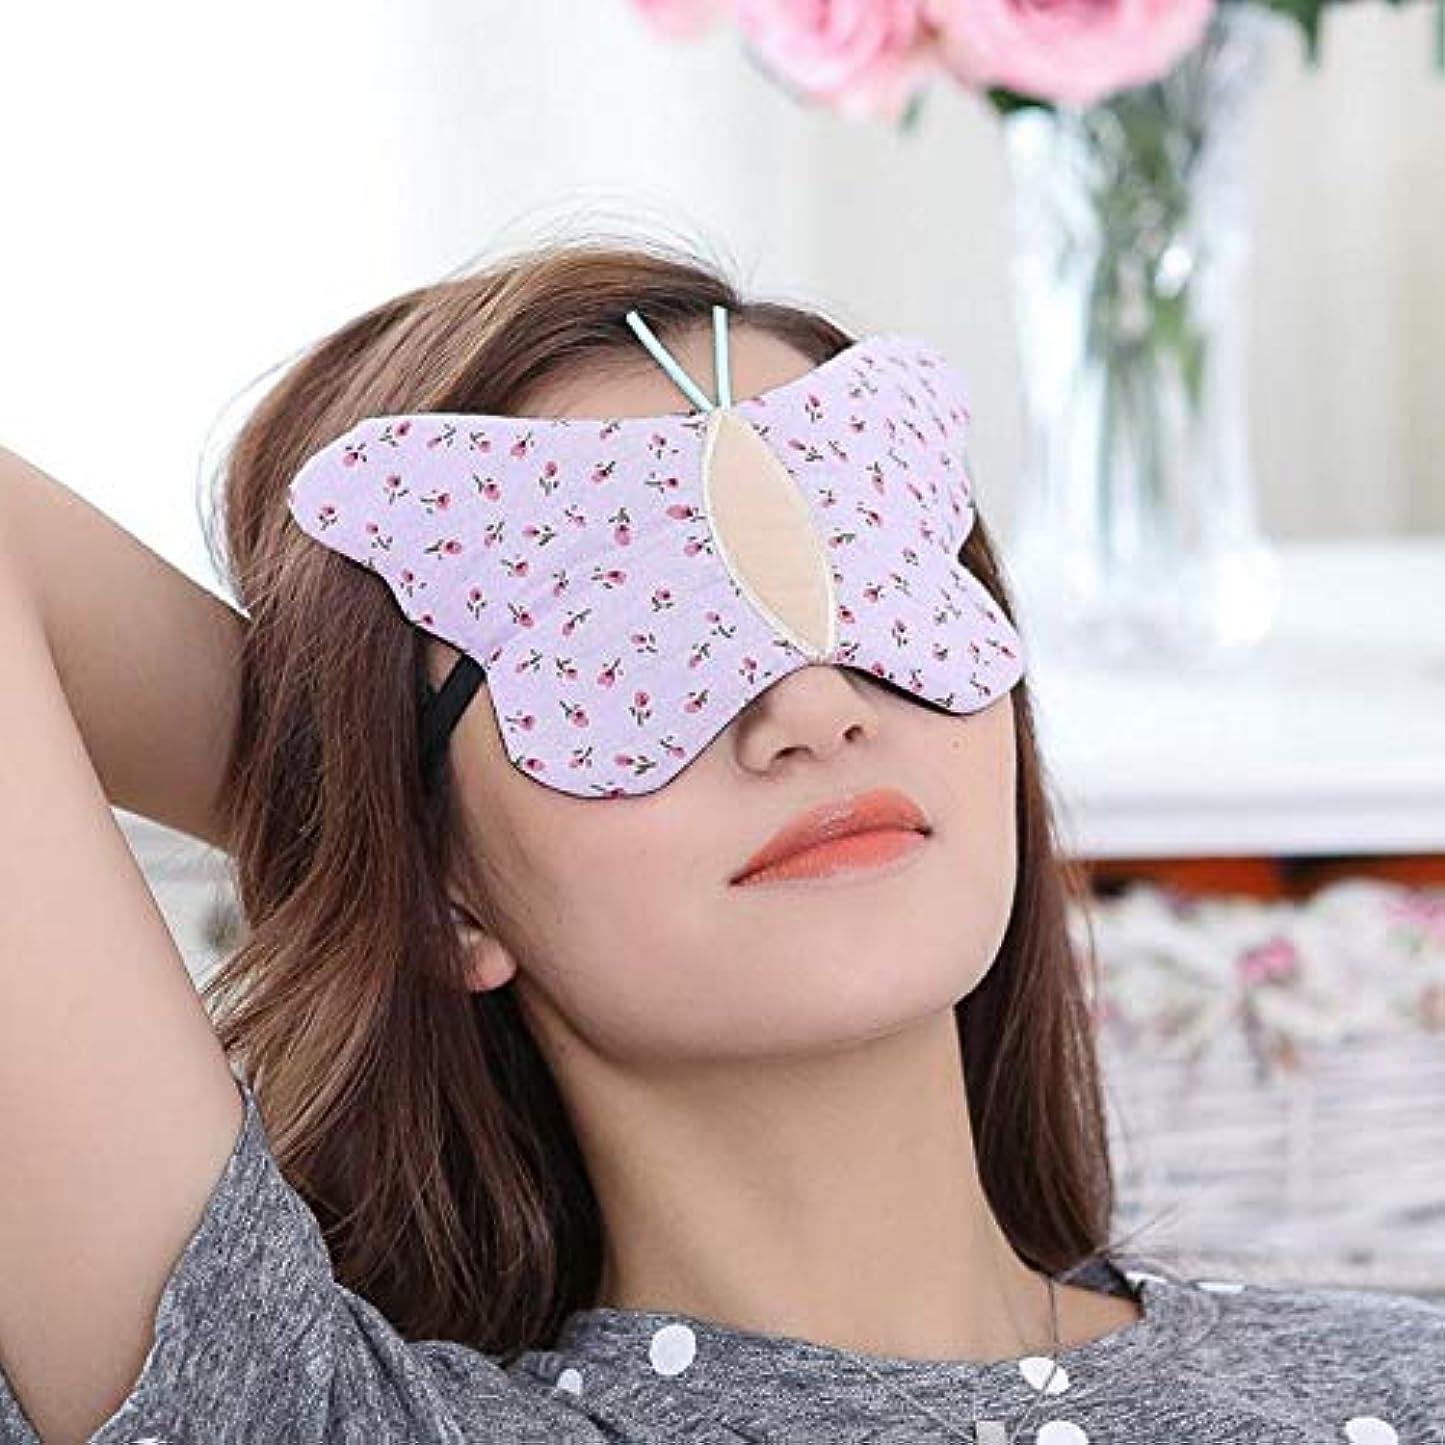 気を散らす引き金テープ注熱い販売の新しいスタイルの蝶型素敵な日よけカバーすべて綿素材旅行睡眠マスク仮眠目隠し無料ショッピング